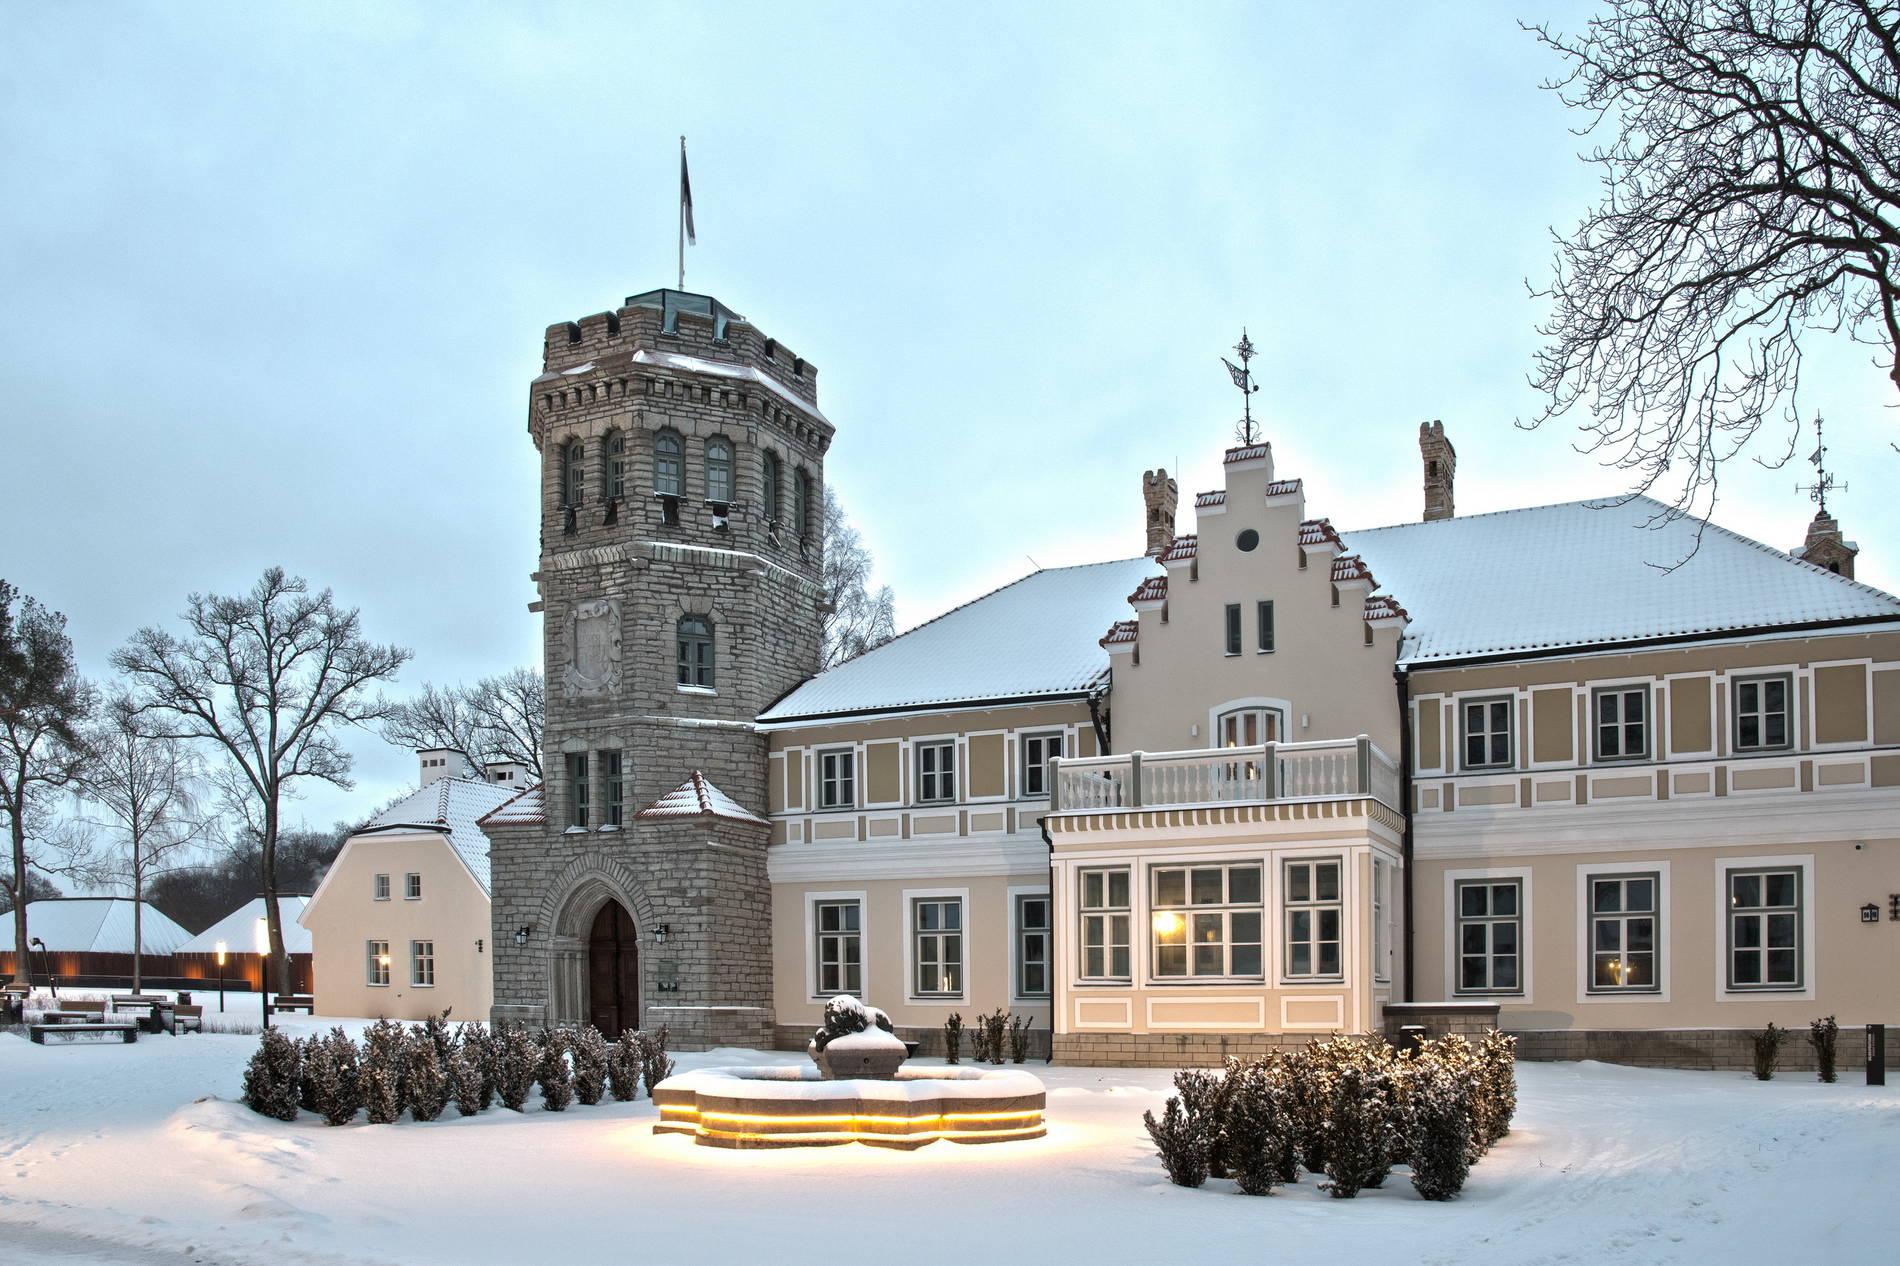 Maarjamäe Palace - Estonian History Museum in Tallinn, Estonia